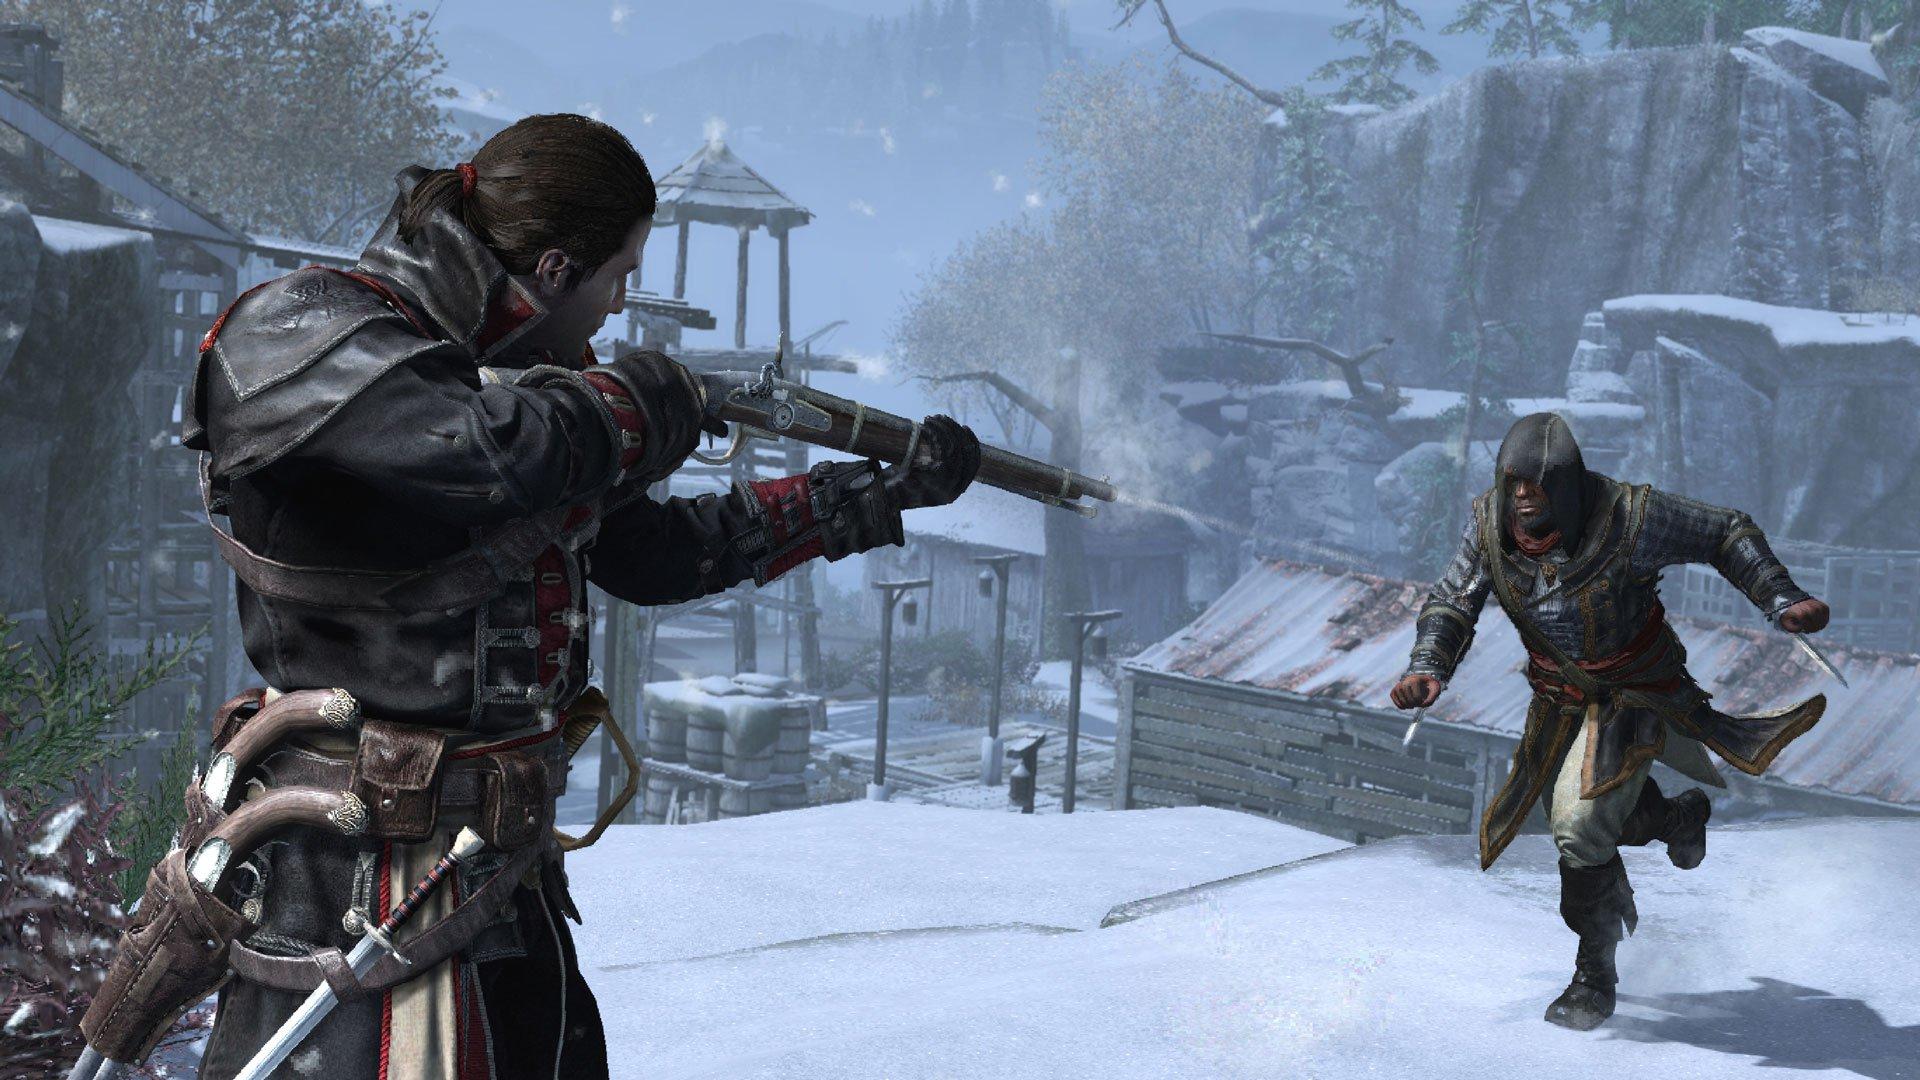 Il prossimo Assassin's Creed arriverà nel 2019 e sarà ambientato in Grecia?